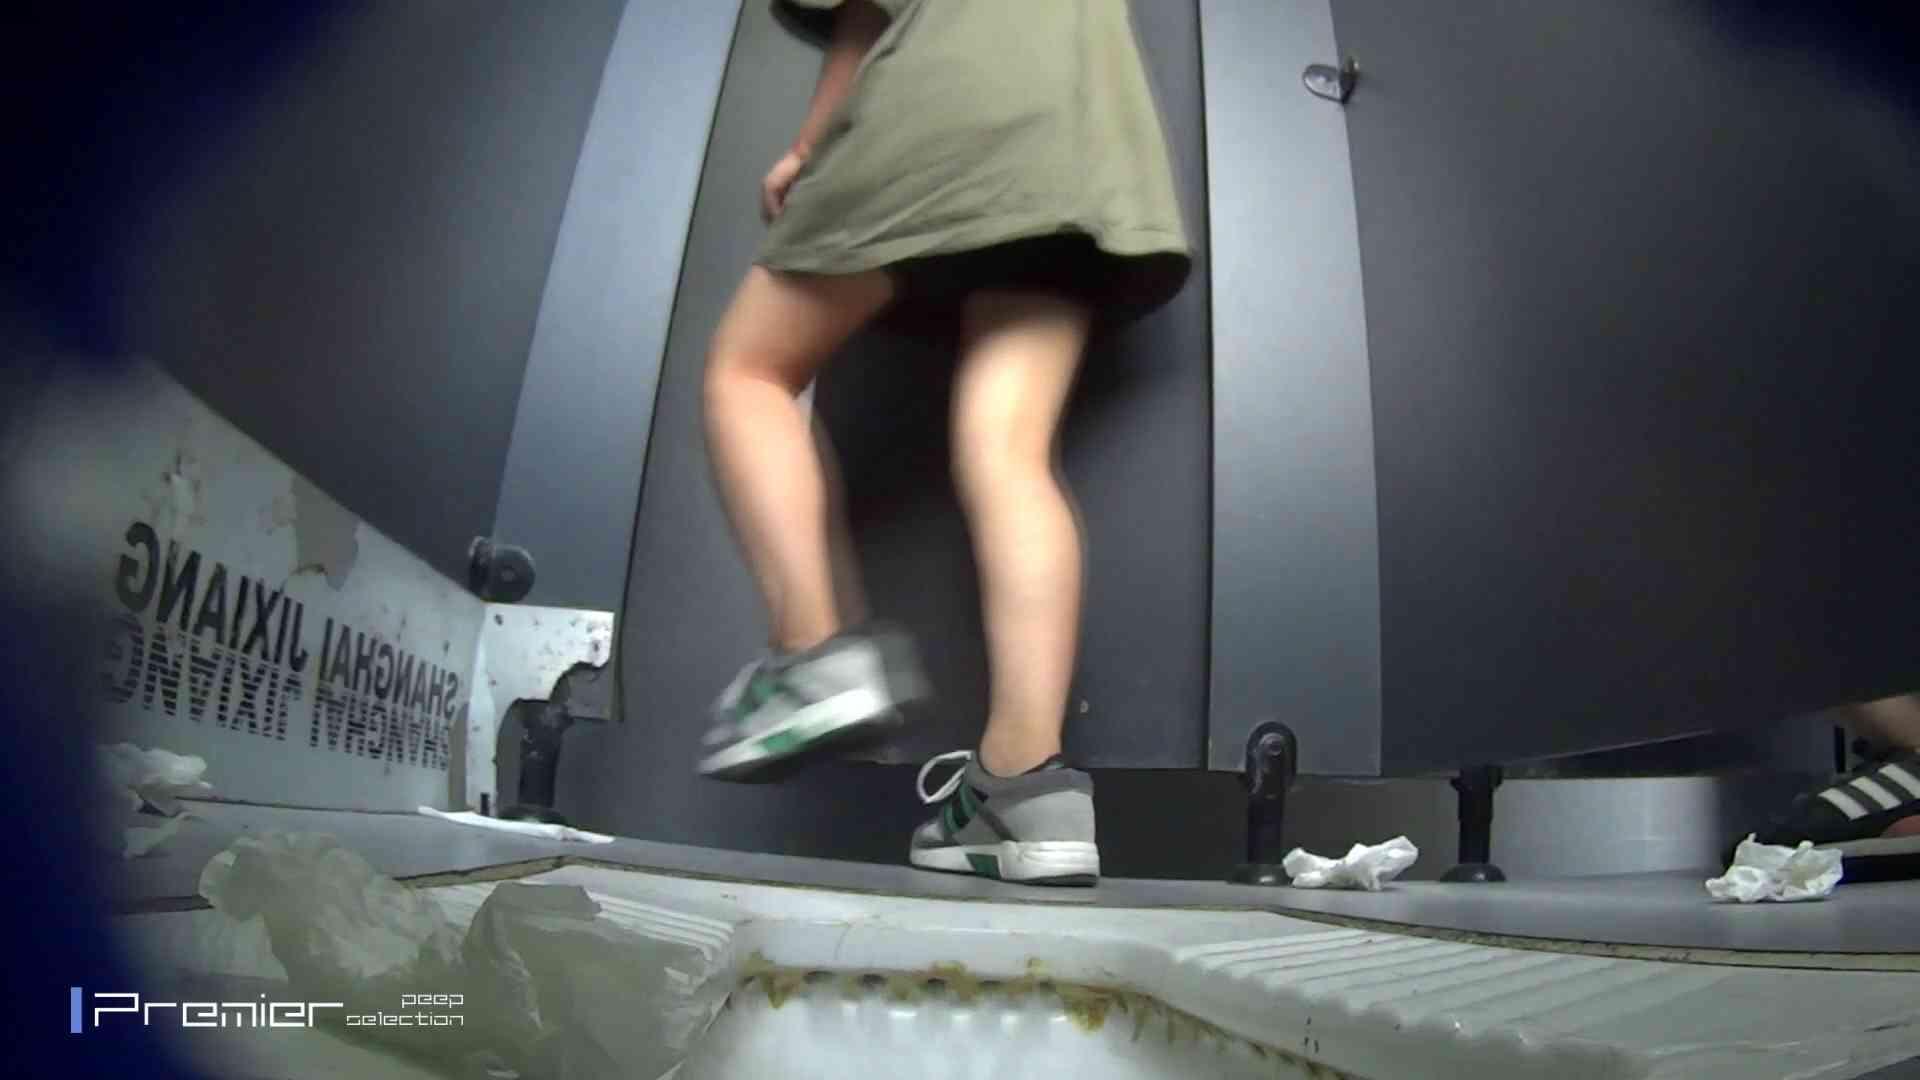 スキニージーンズの美女 大学休憩時間の洗面所事情56 盗撮映像  94Pix 52